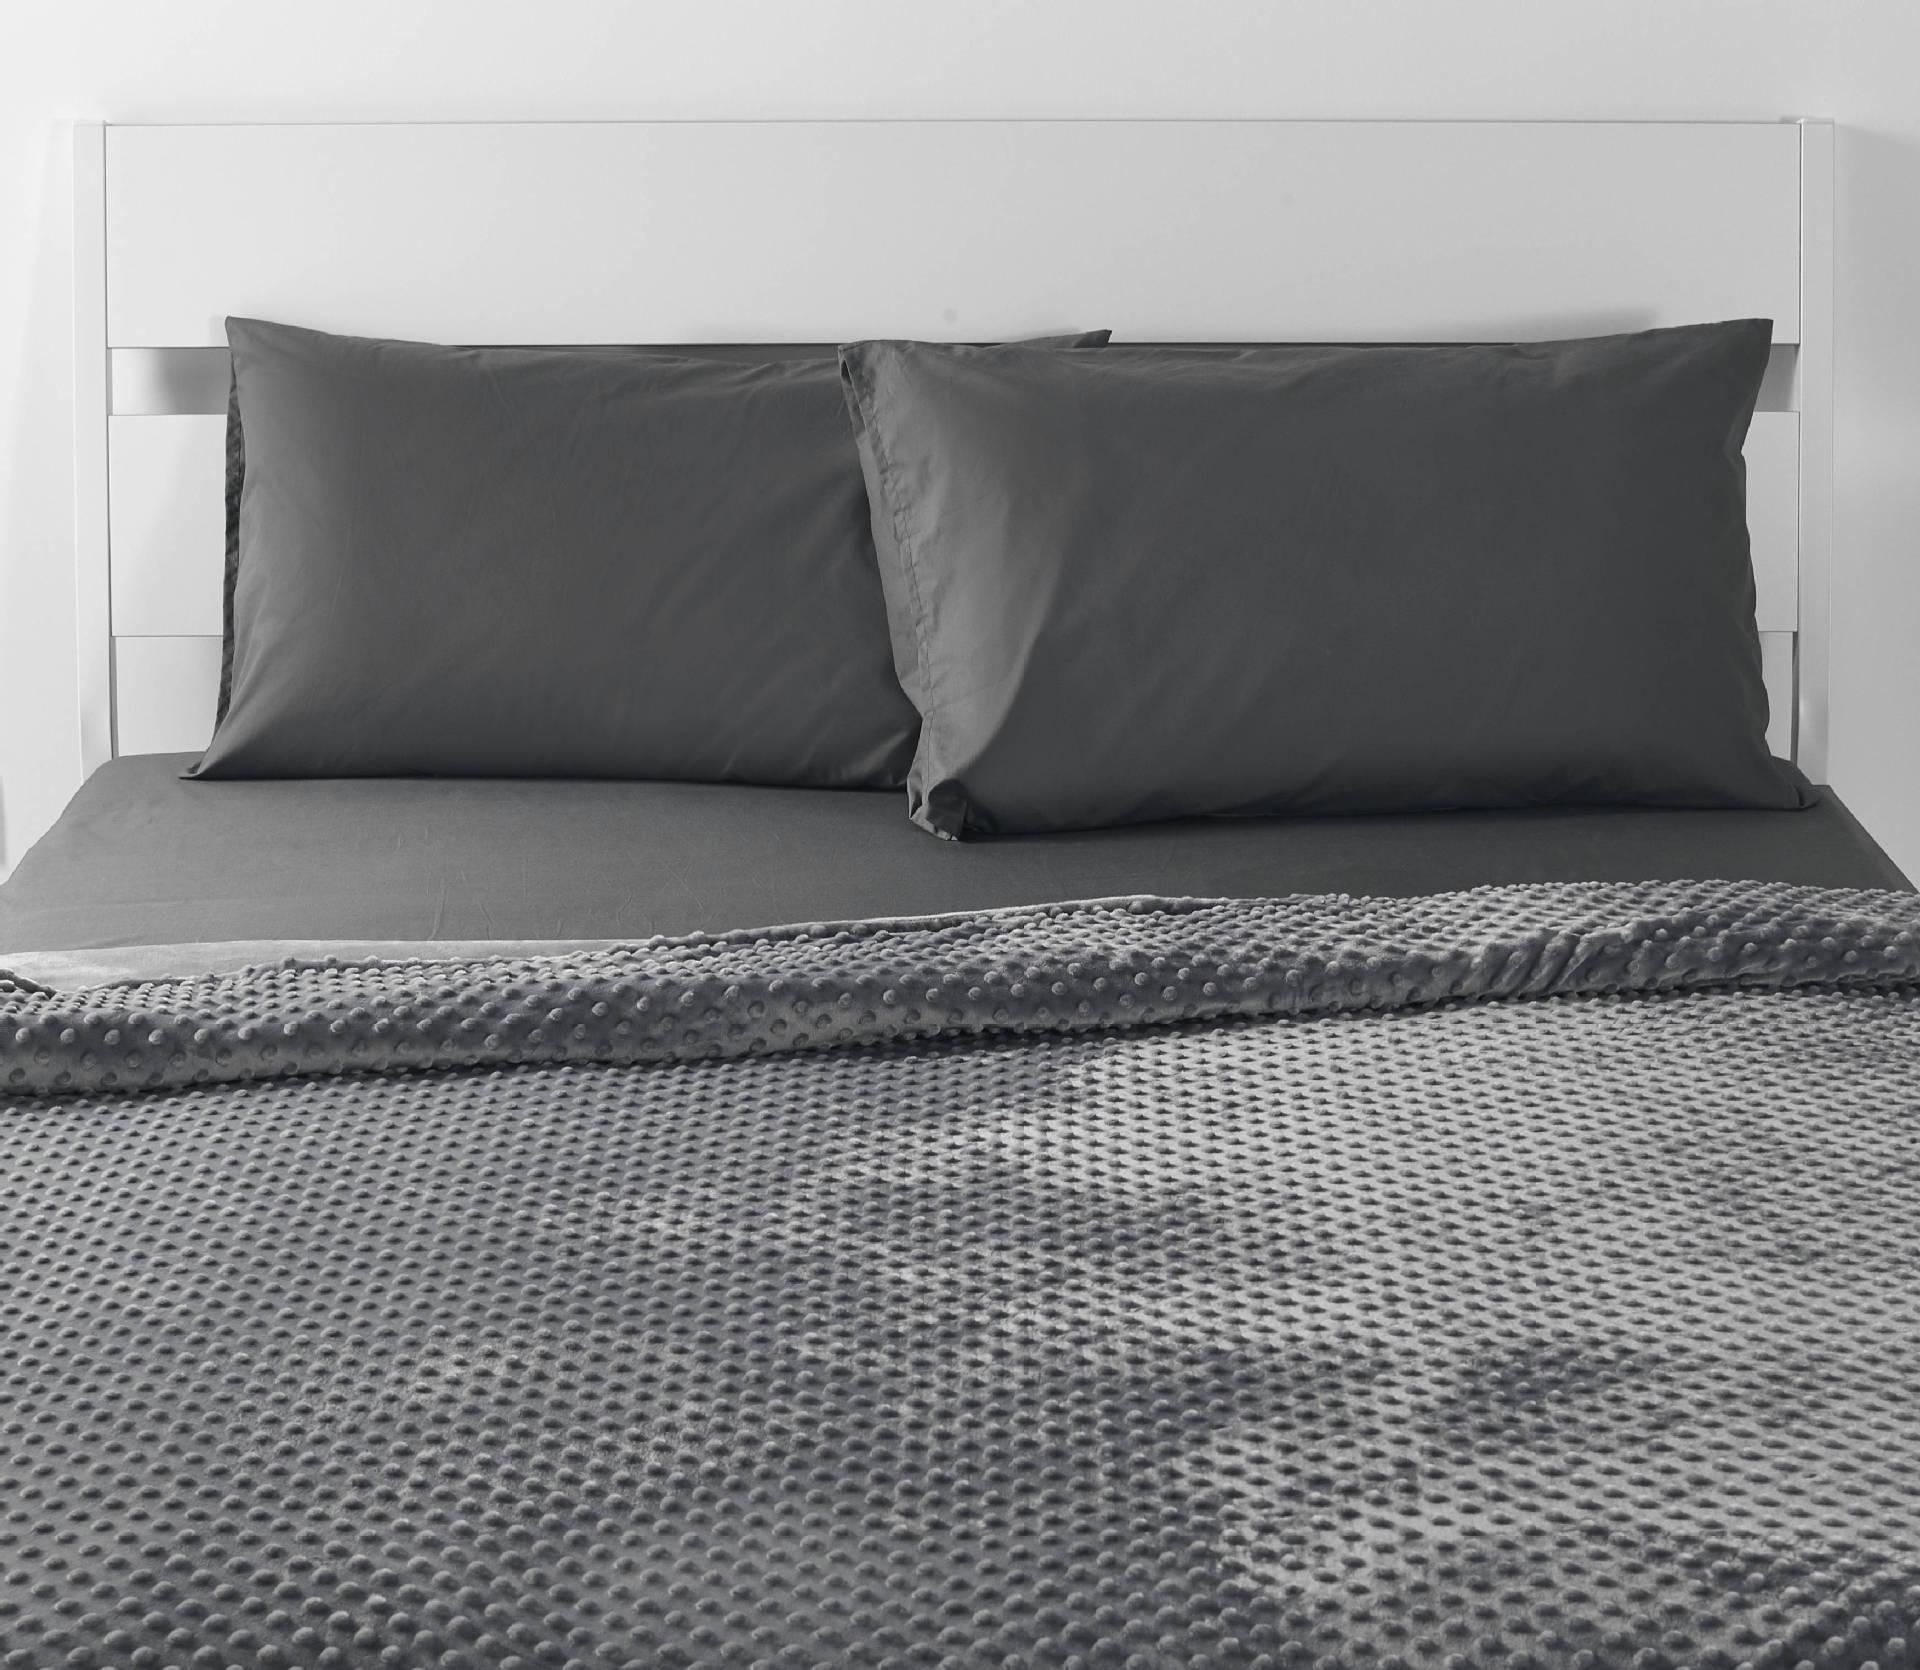 厂家直销优质重力被压泡外套亚马逊热卖爆款重力毯被套柔软舒适